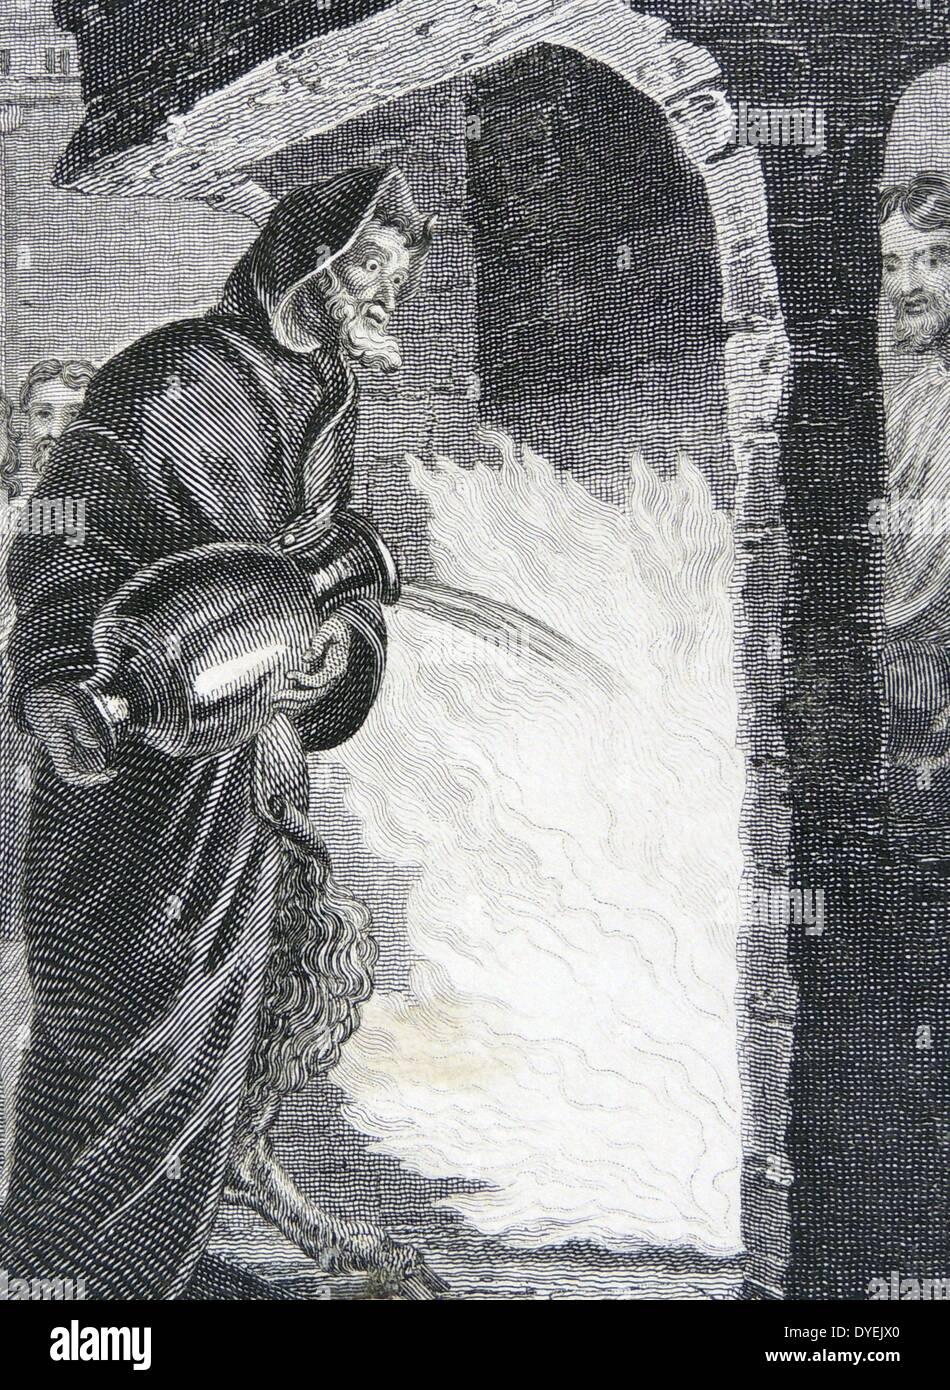 Der Teufel in Kapuzen Umhang, seine Hörner und gespaltene Hufe verbergen Stockbild